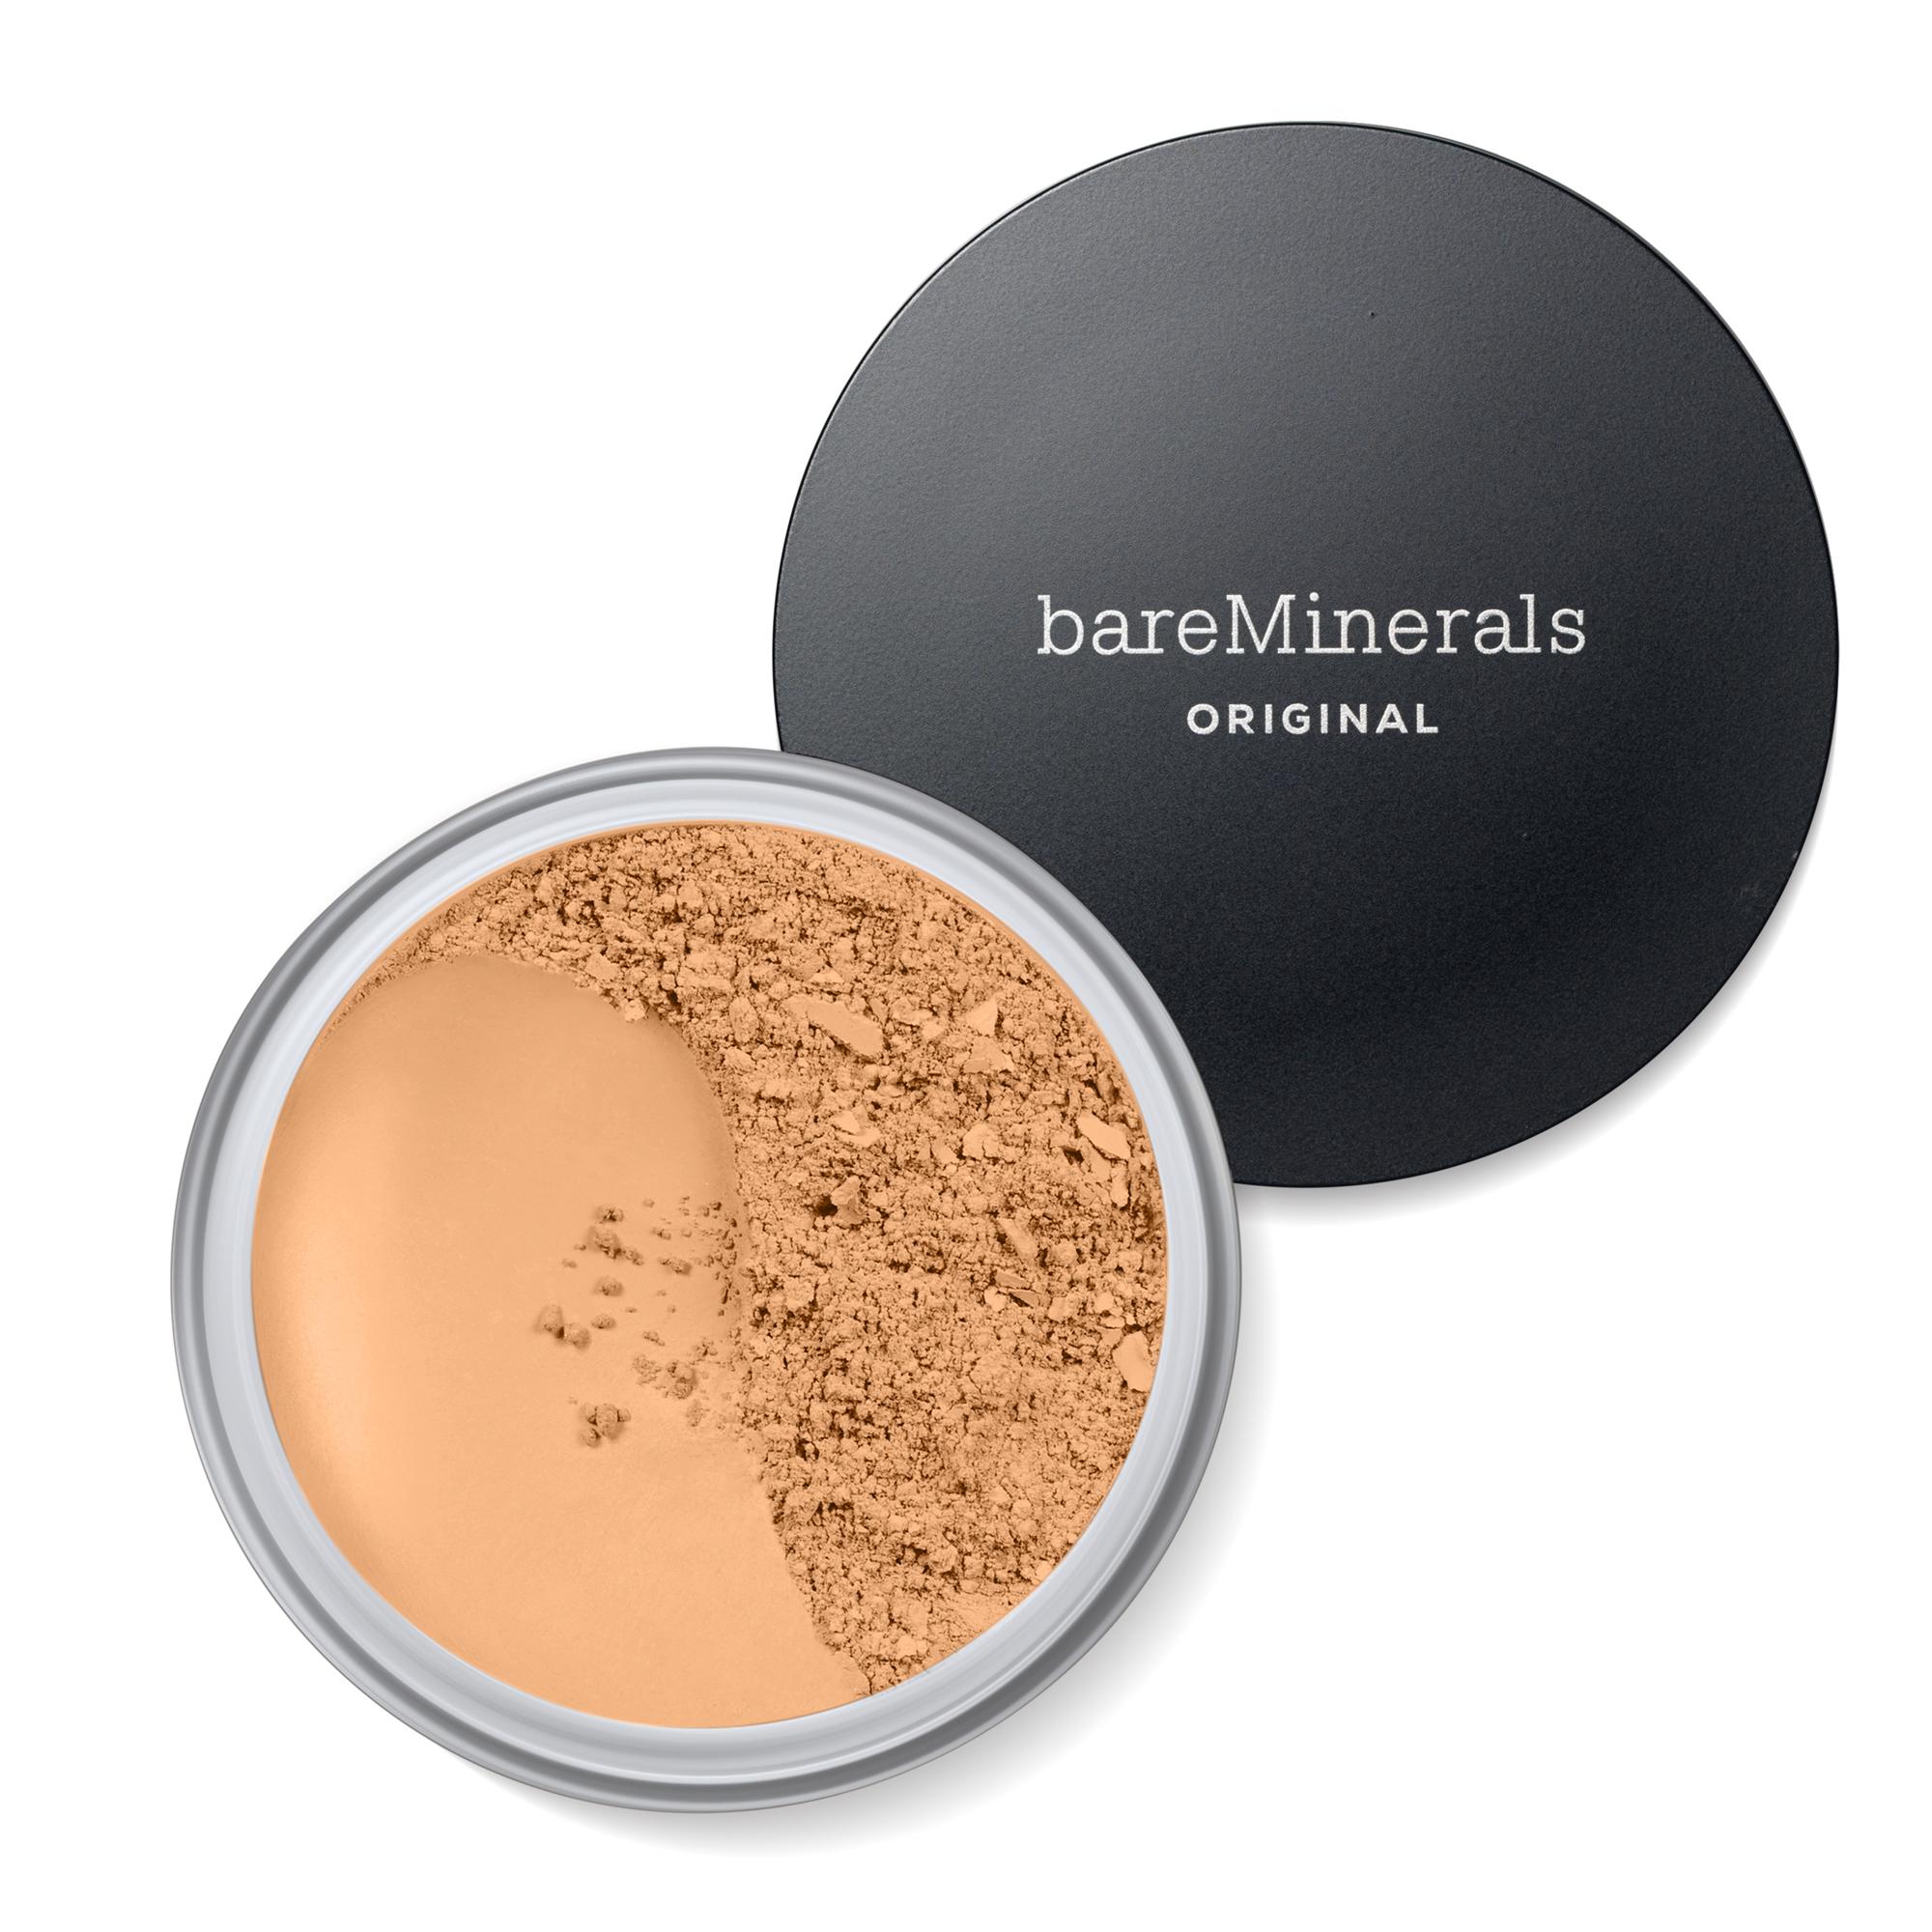 bareMinerals Original Foundation, 13 golden beige